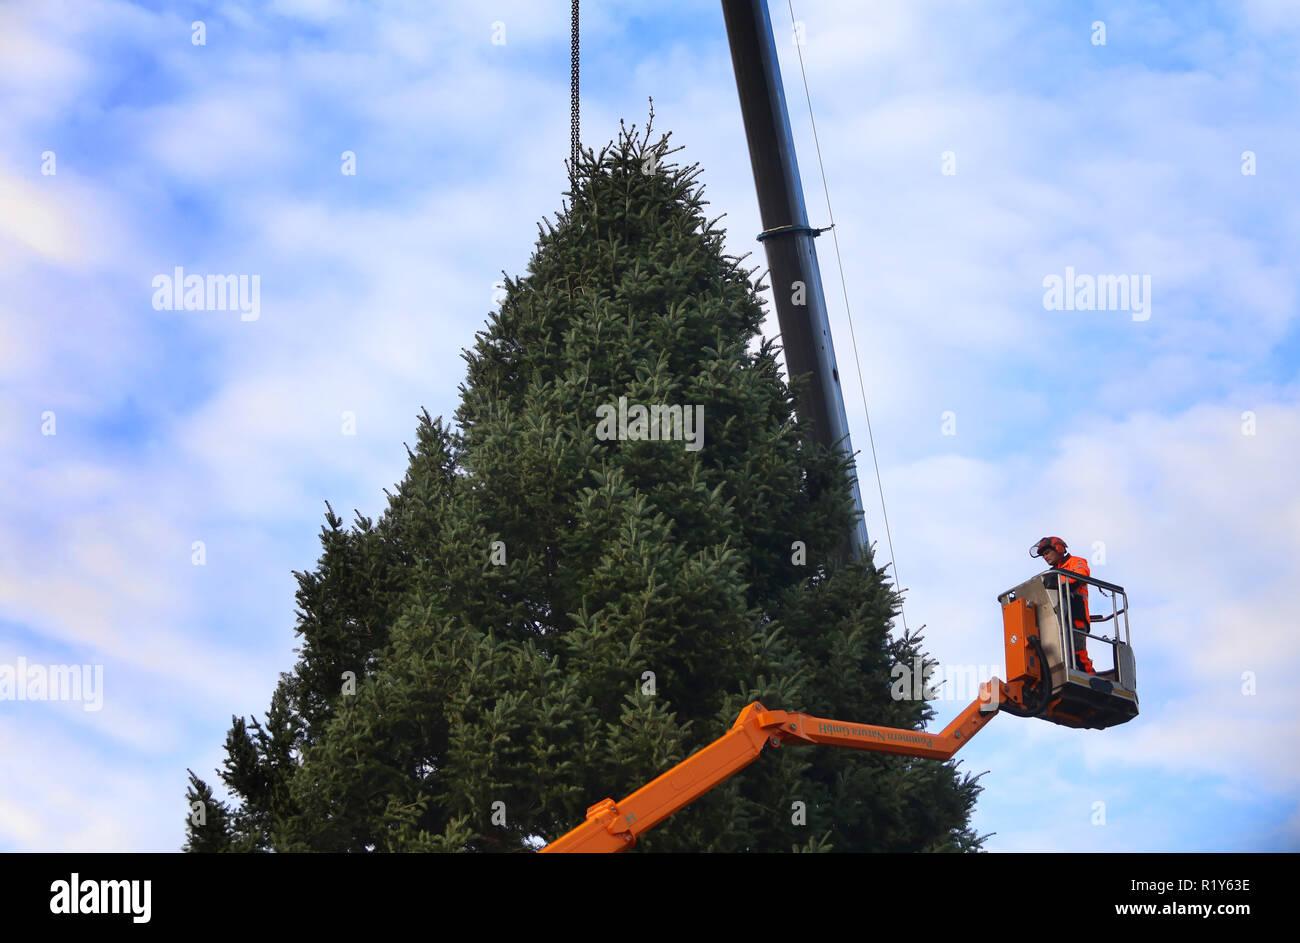 Durchmesser Weihnachtsbaum.Rostock Deutschland 15 Nov 2018 Die Traditionelle Weihnachtsbaum